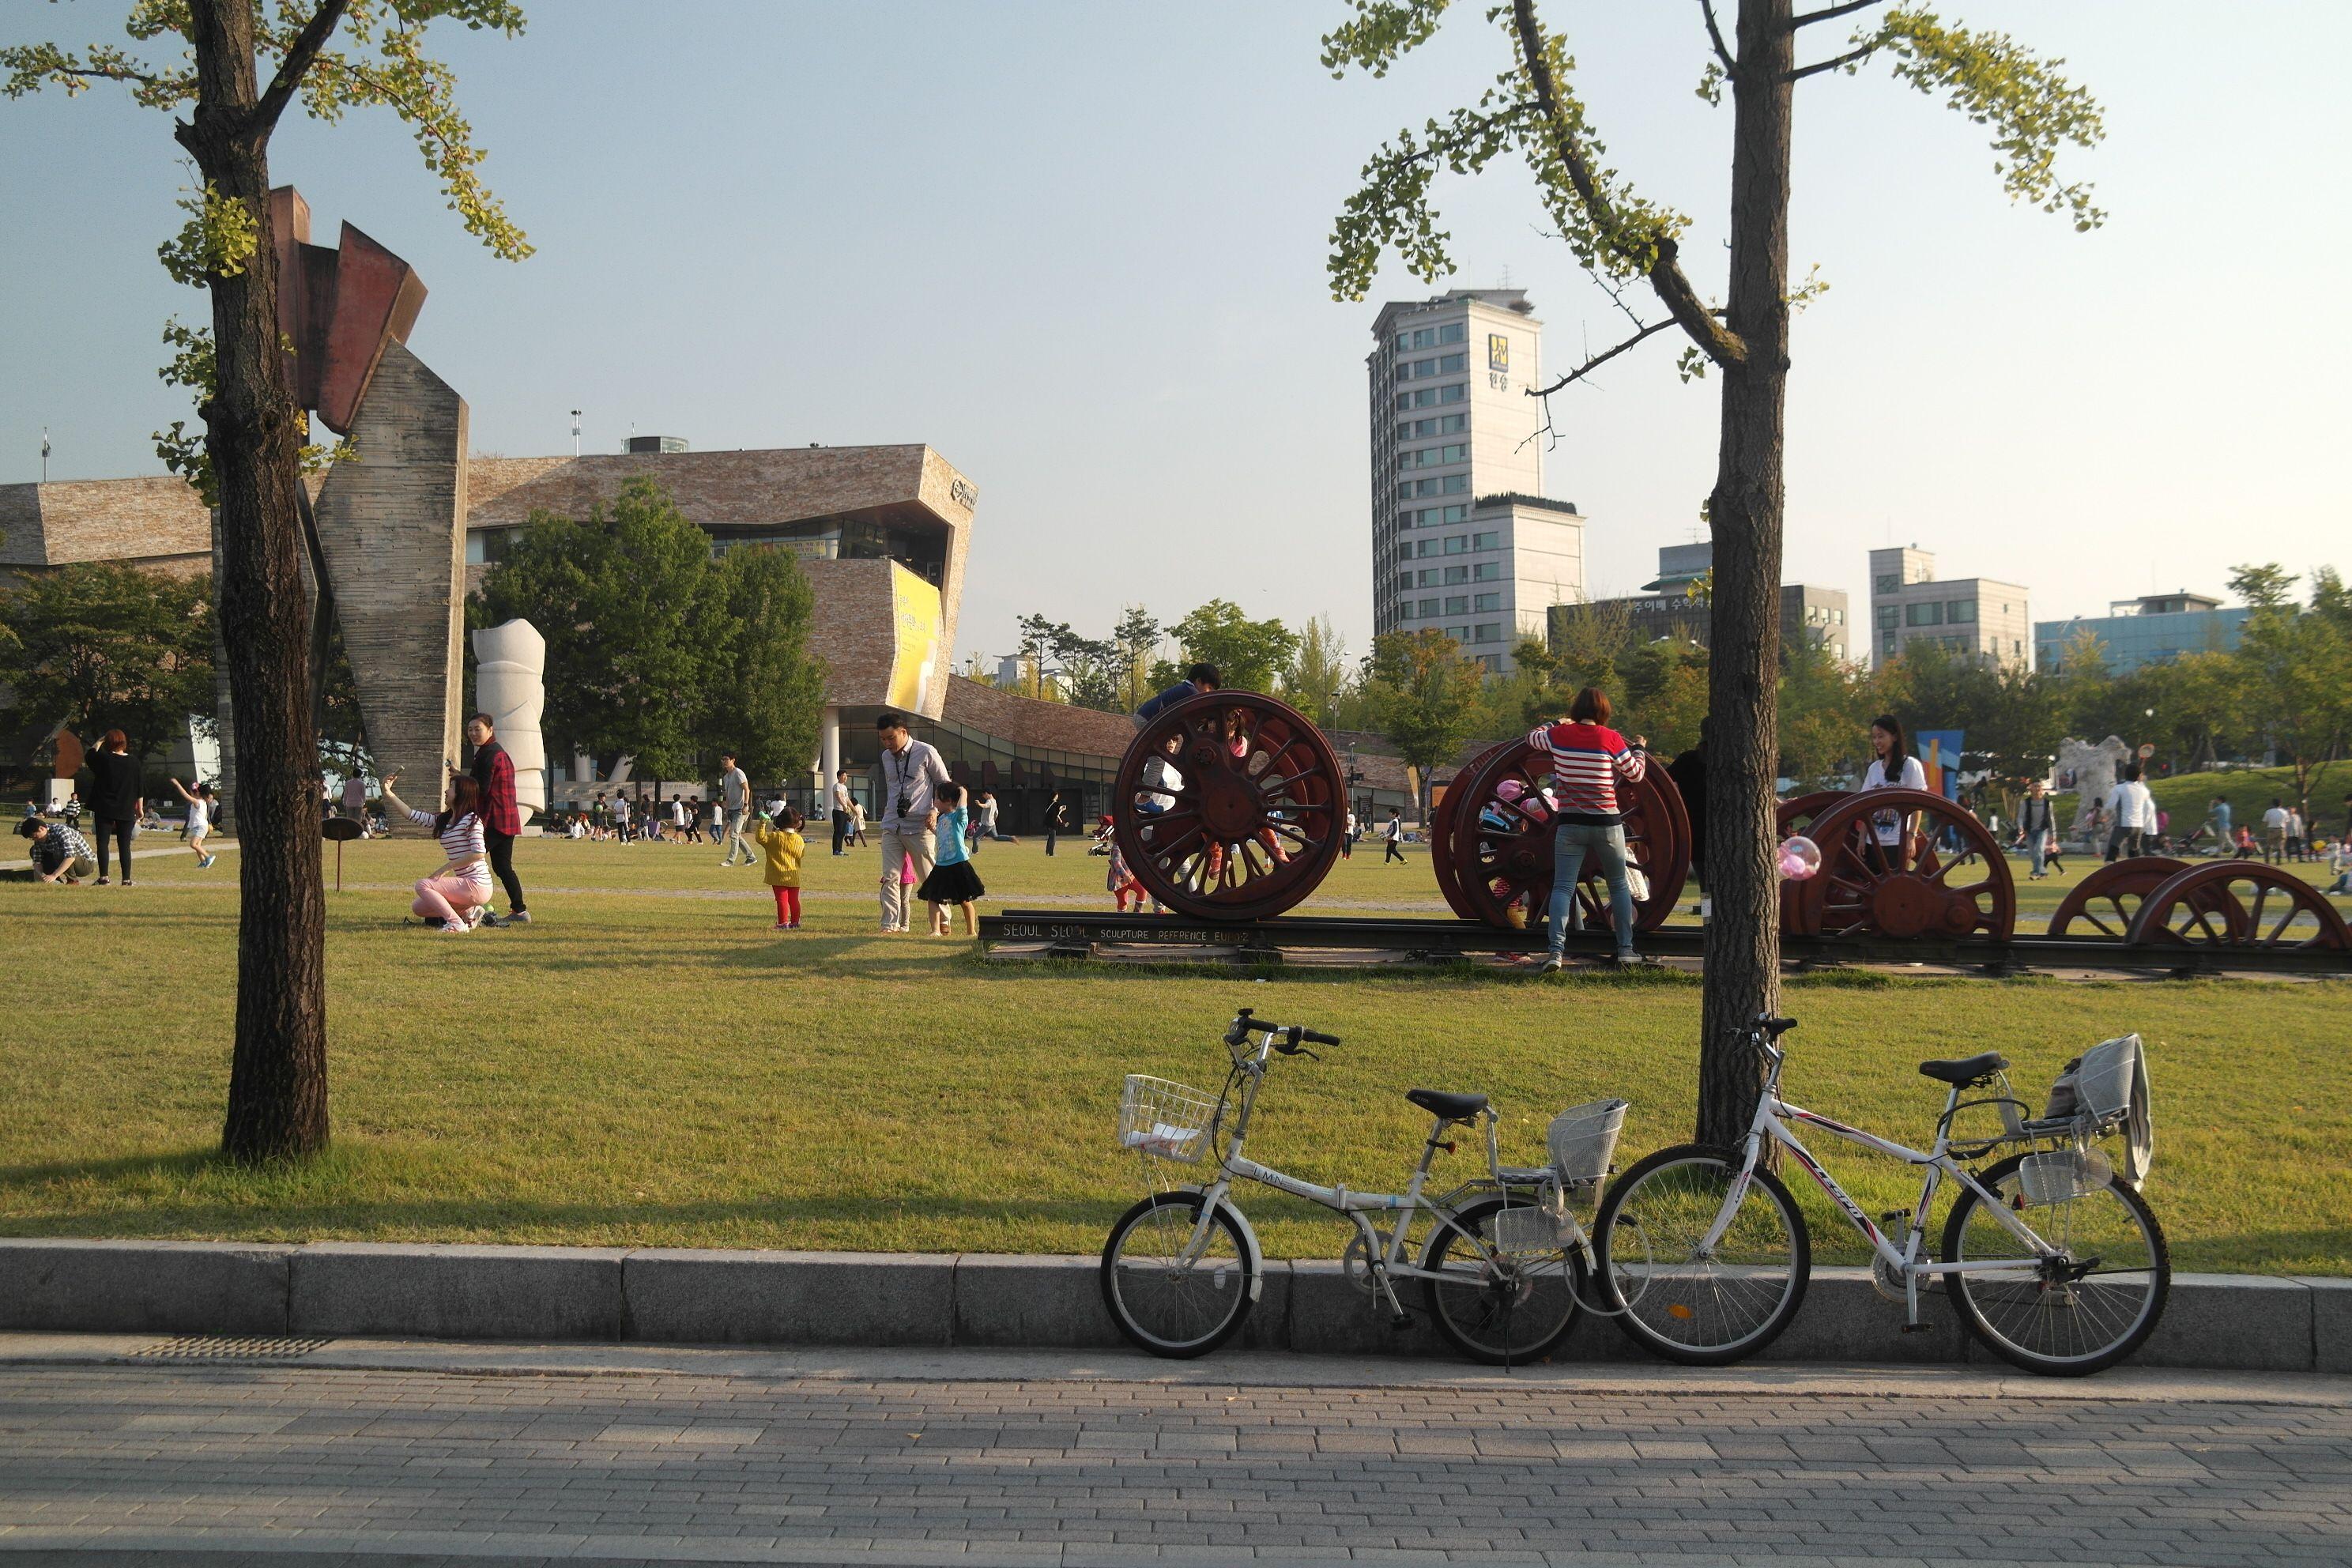 2014.10 Olympic Park, Seoul